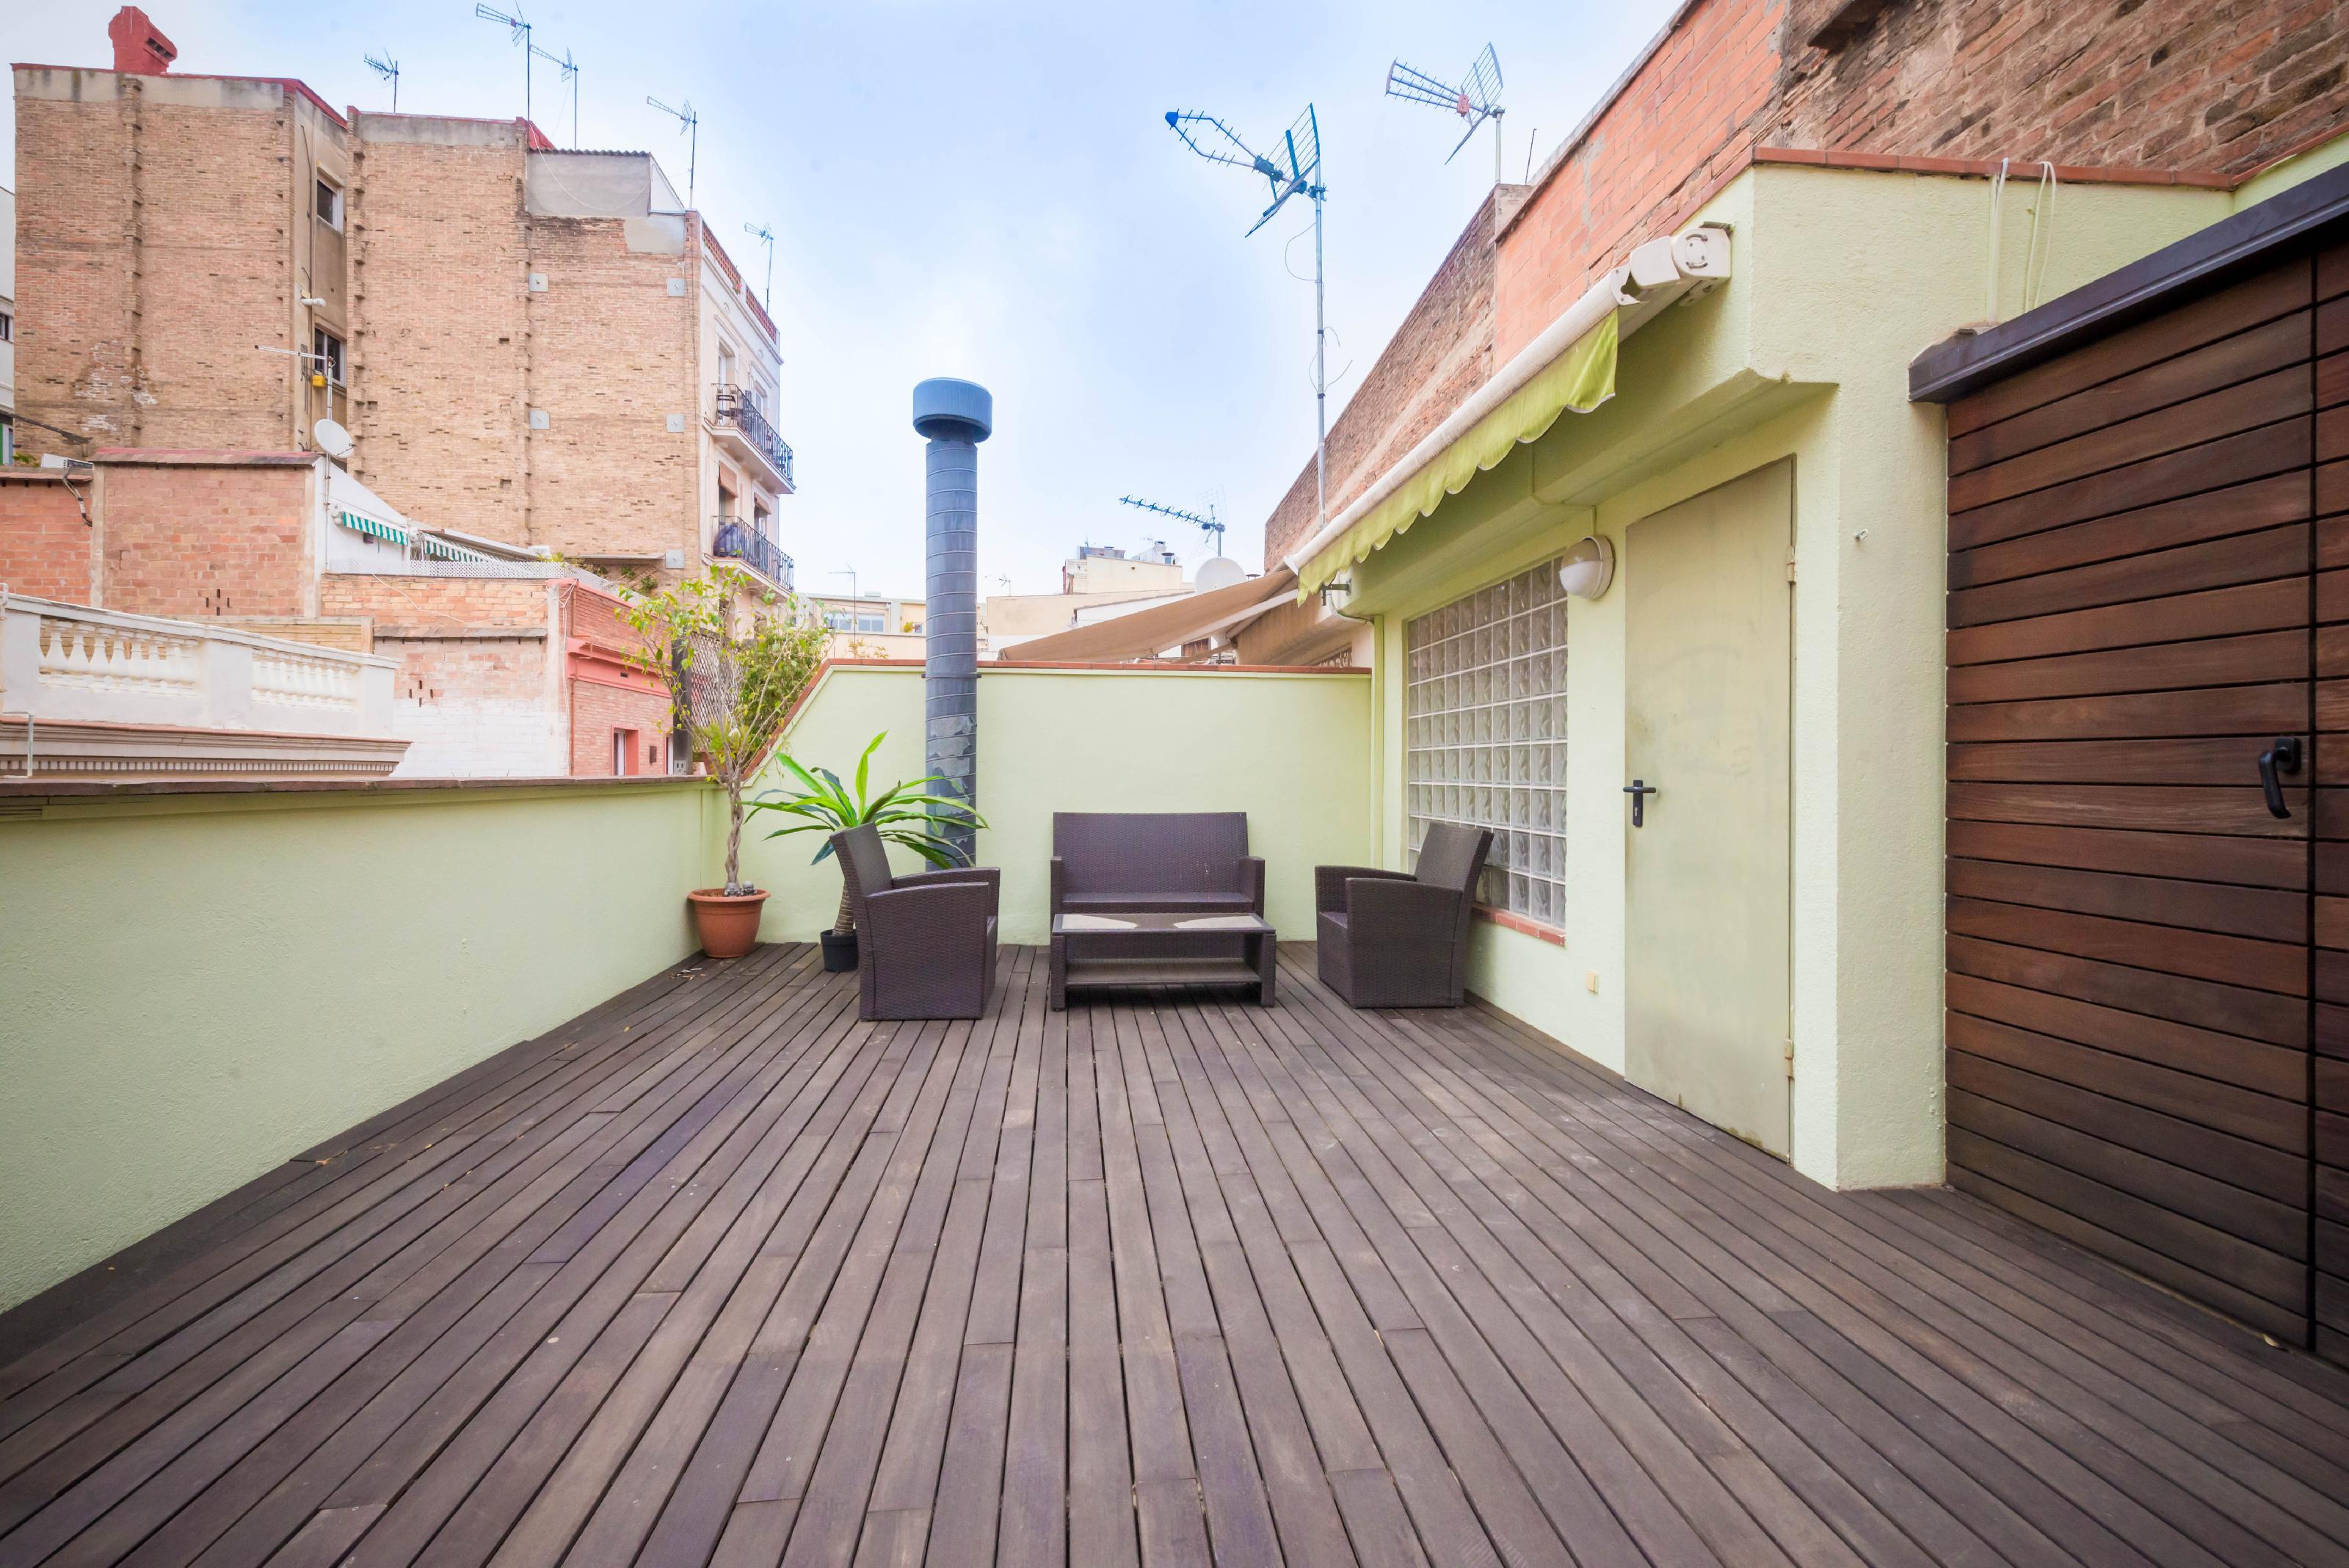 249634 House for sale in Gràcia, Vila de Gràcia 26